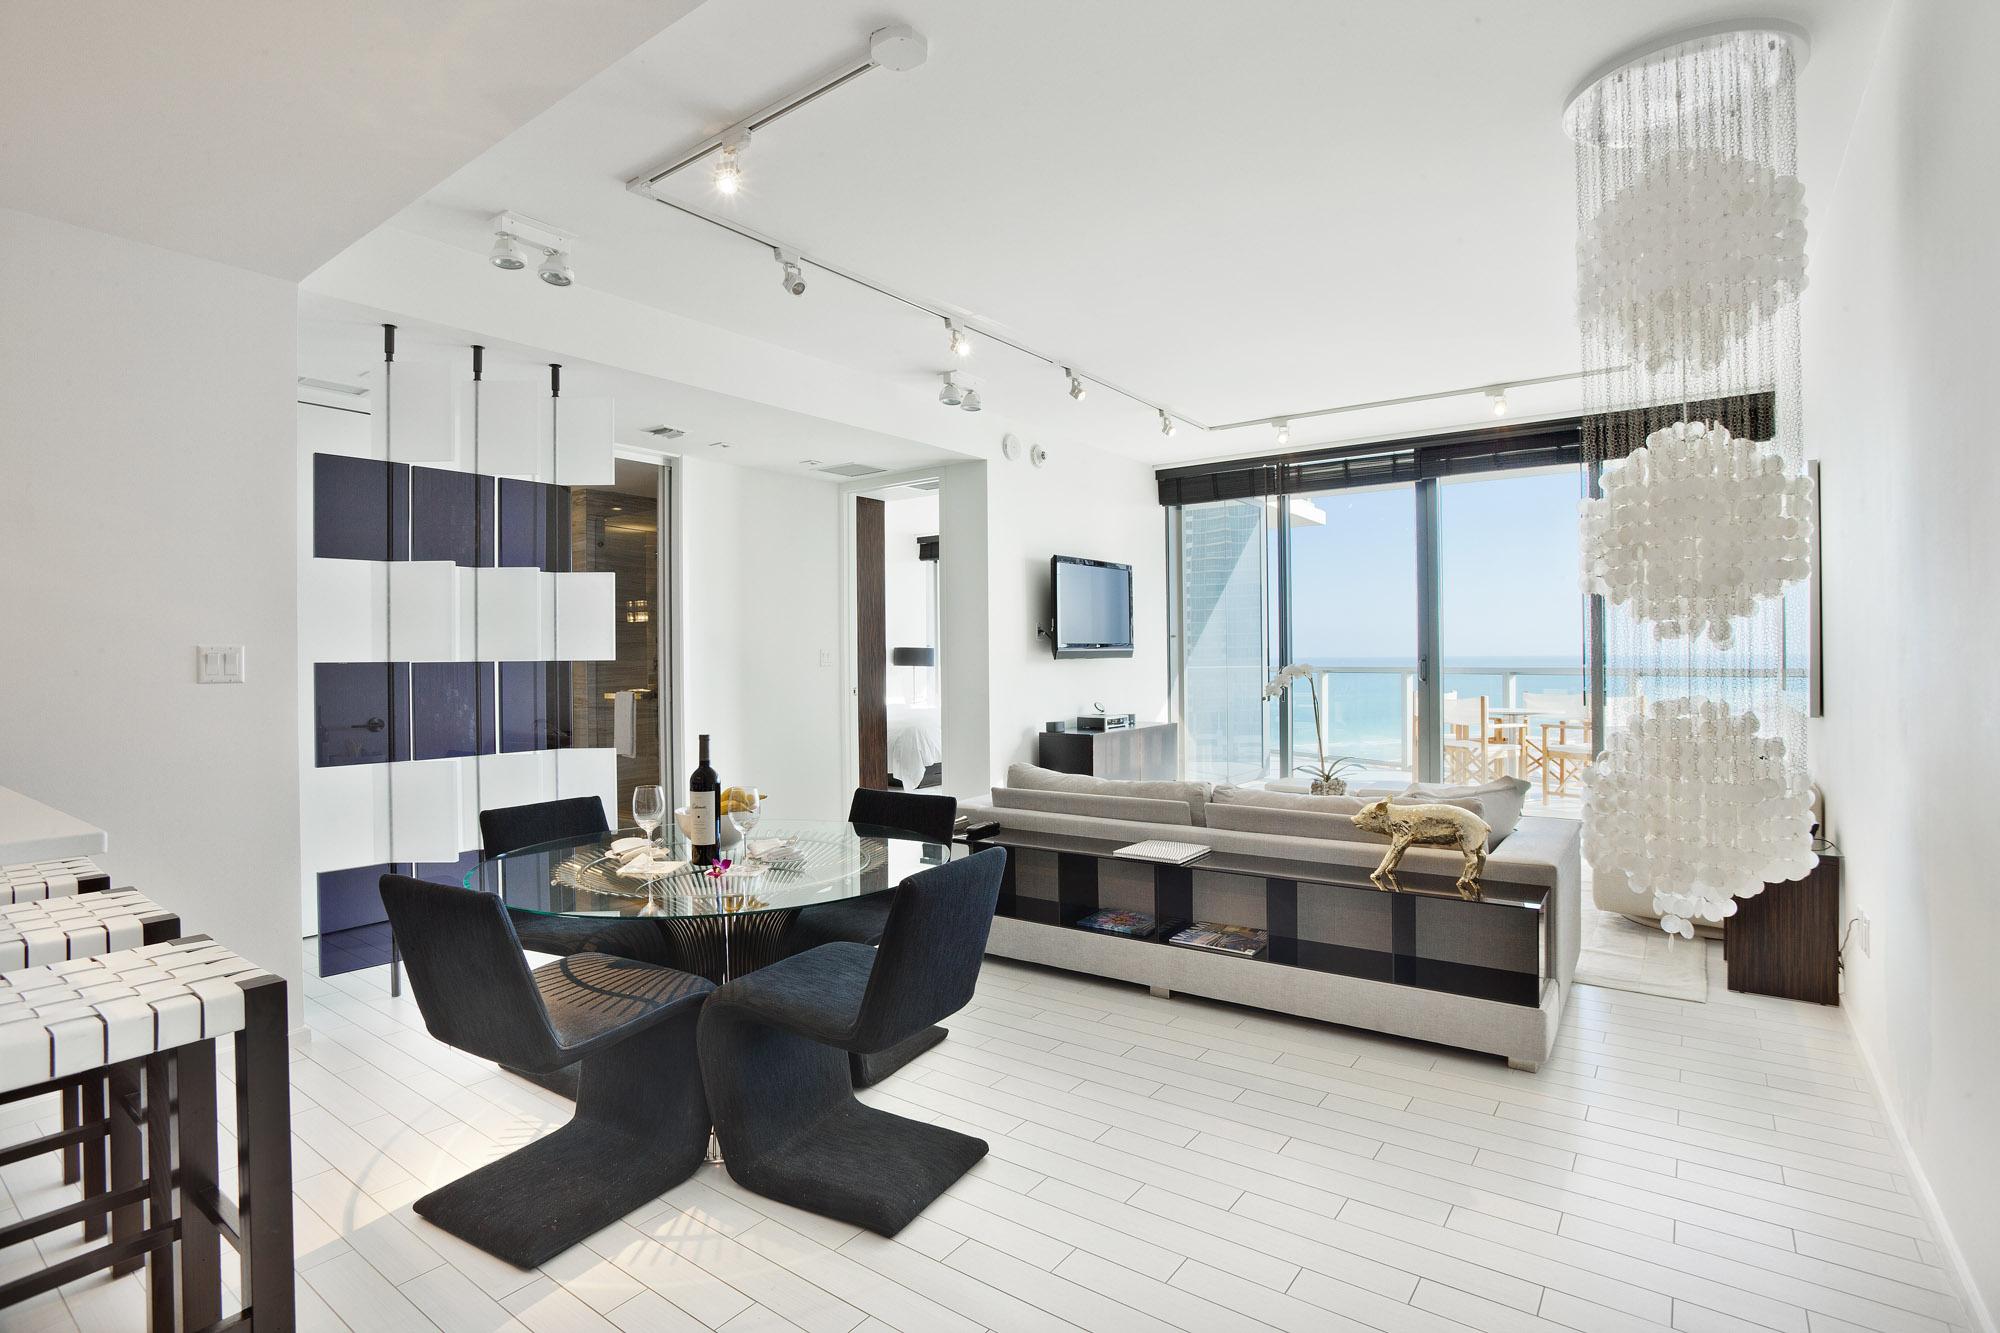 W Hotel 1 Bedroom plus Den/Kids Bedroom Oasis Suite | GO Vacations ...